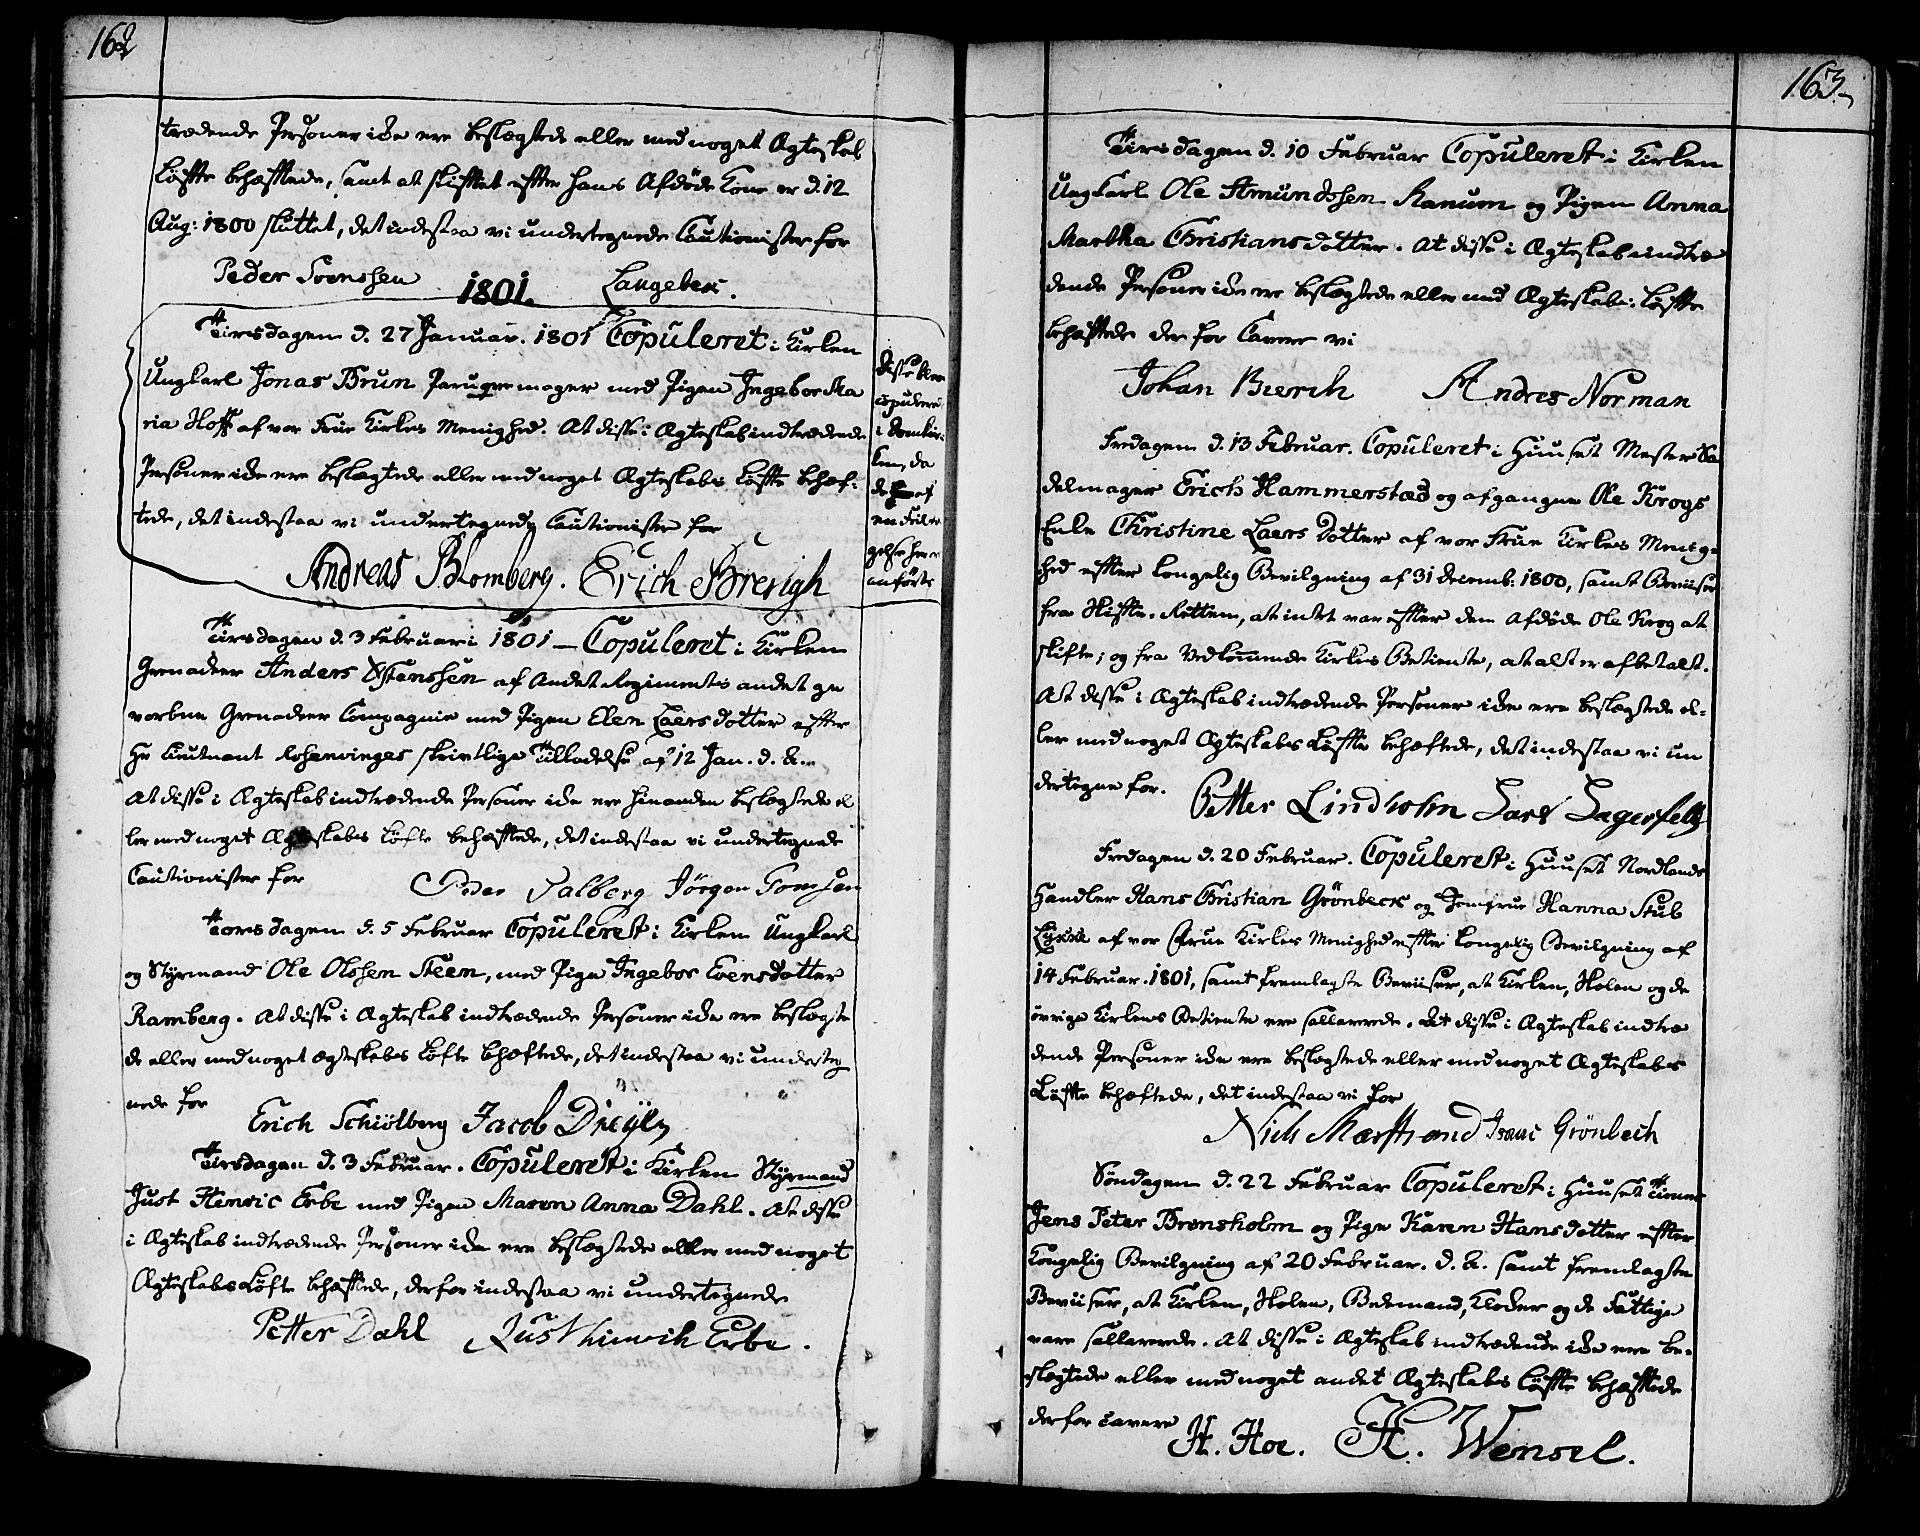 SAT, Ministerialprotokoller, klokkerbøker og fødselsregistre - Sør-Trøndelag, 602/L0105: Ministerialbok nr. 602A03, 1774-1814, s. 162-163